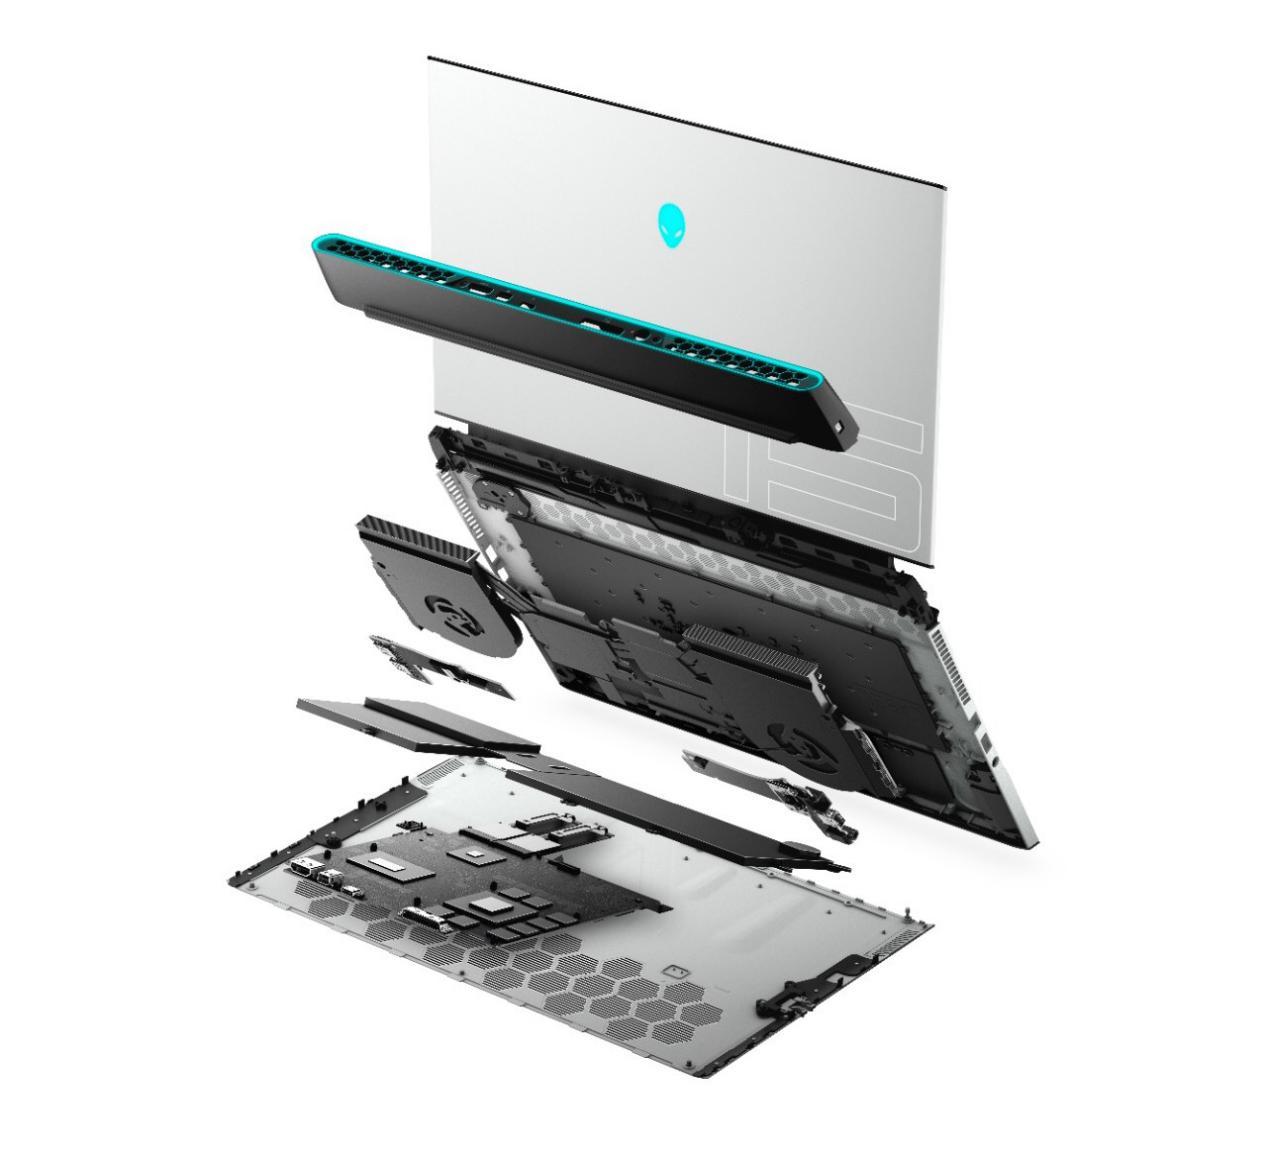 聚焦PC:外星人推出超薄笔记本 机身低至17.9mm